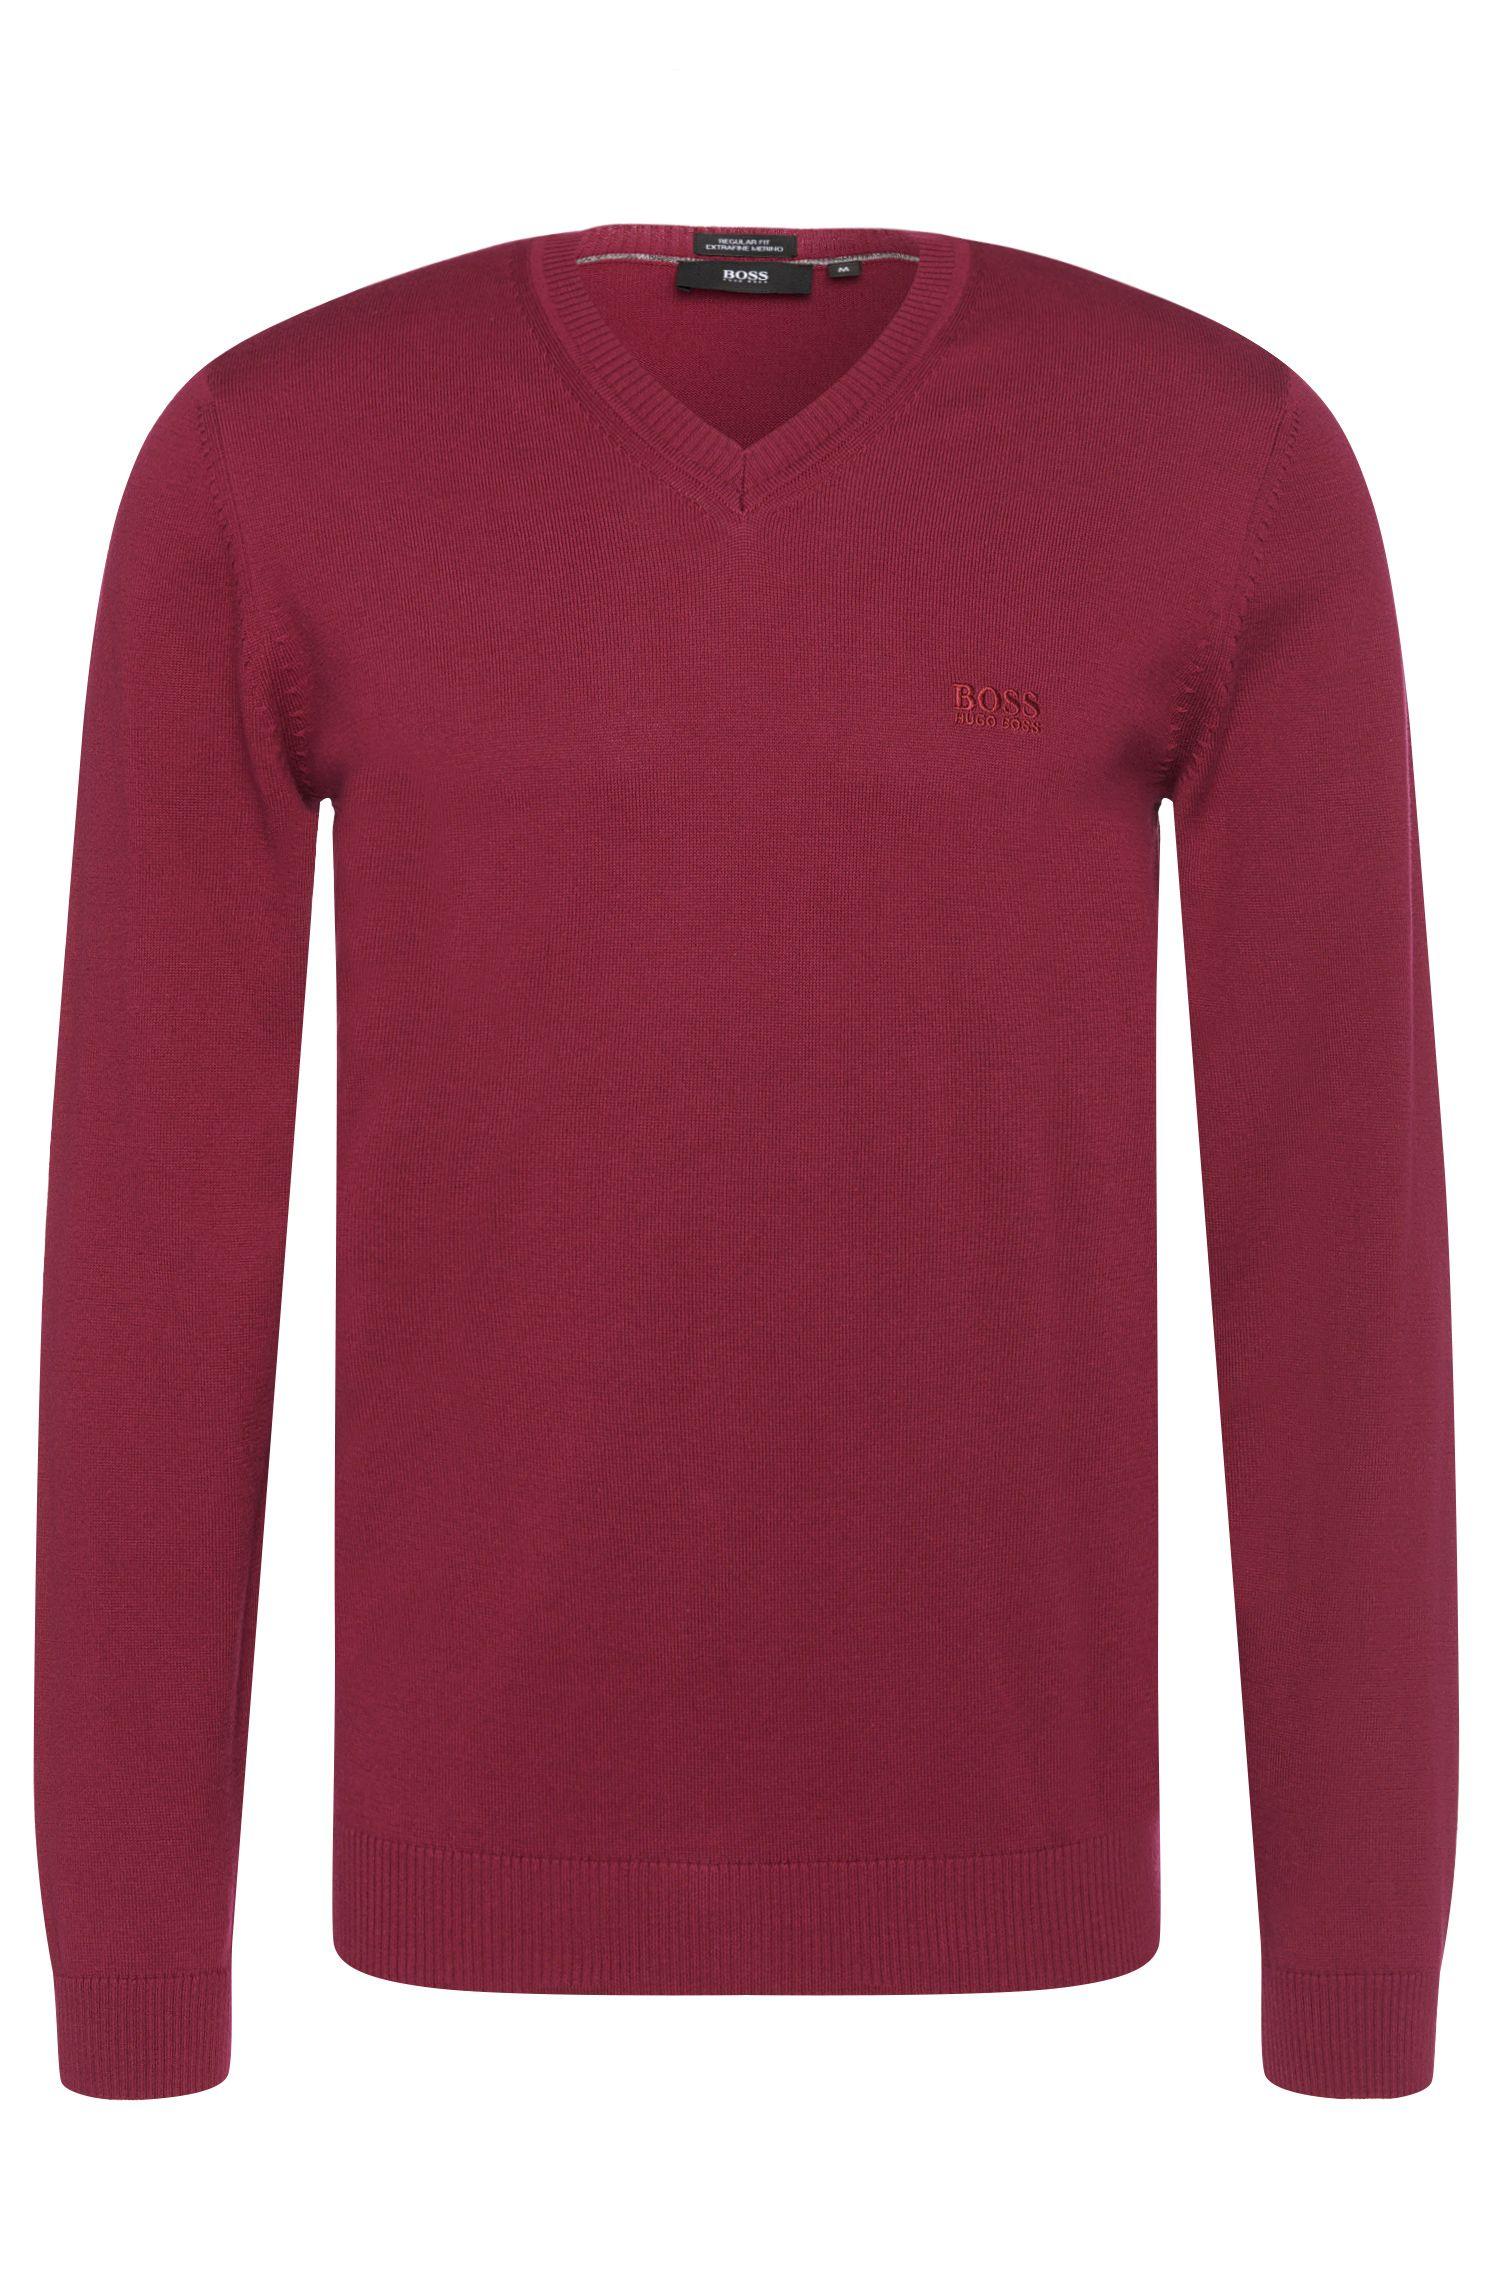 Regular-fit trui van katoen met een V-hals: 'Filipp-I'